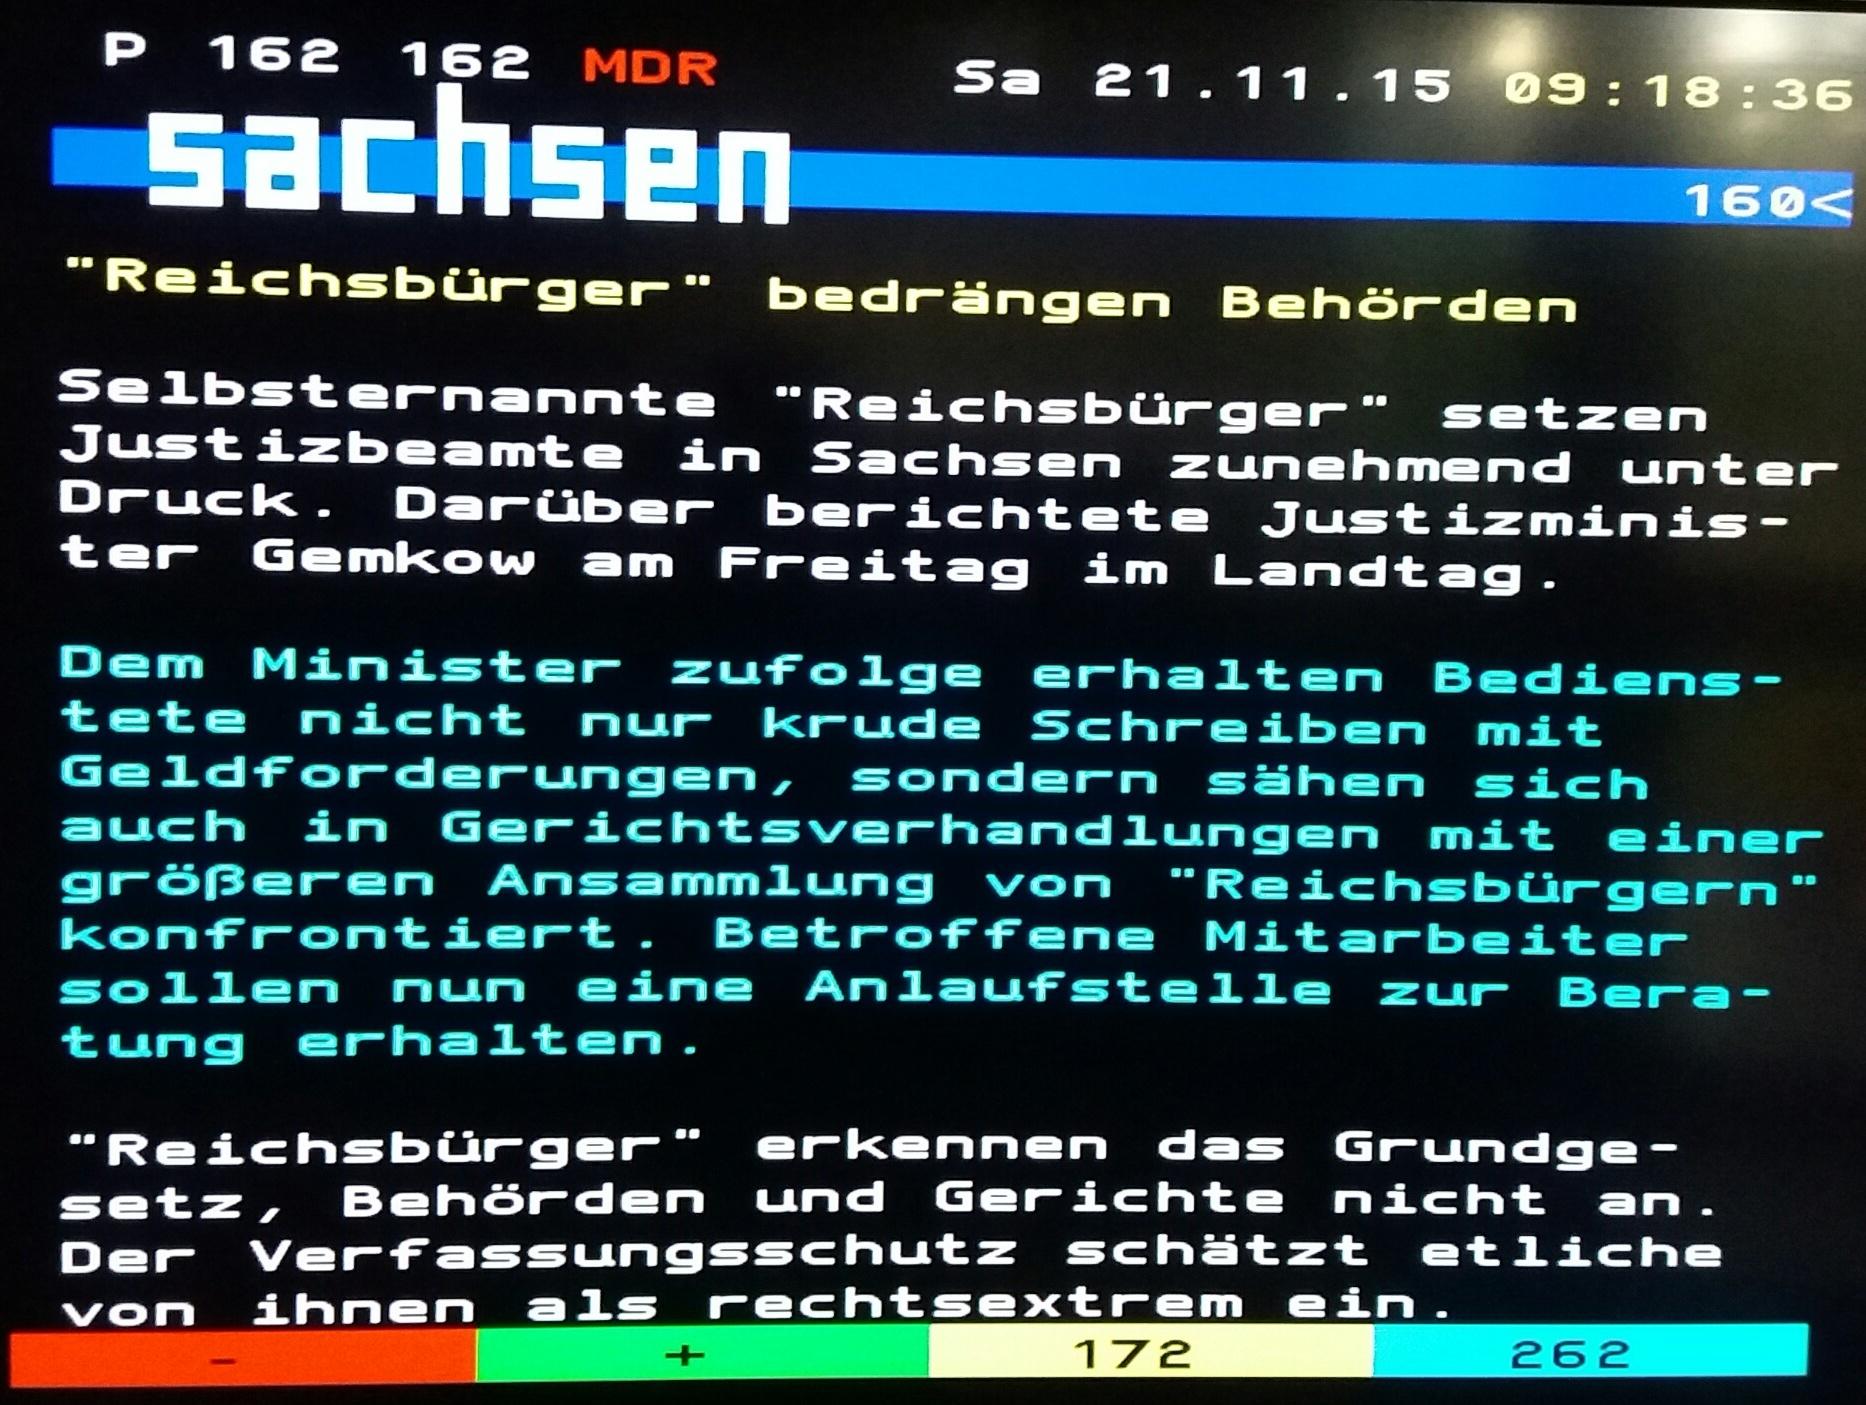 Reichsbürger-Sachsen1